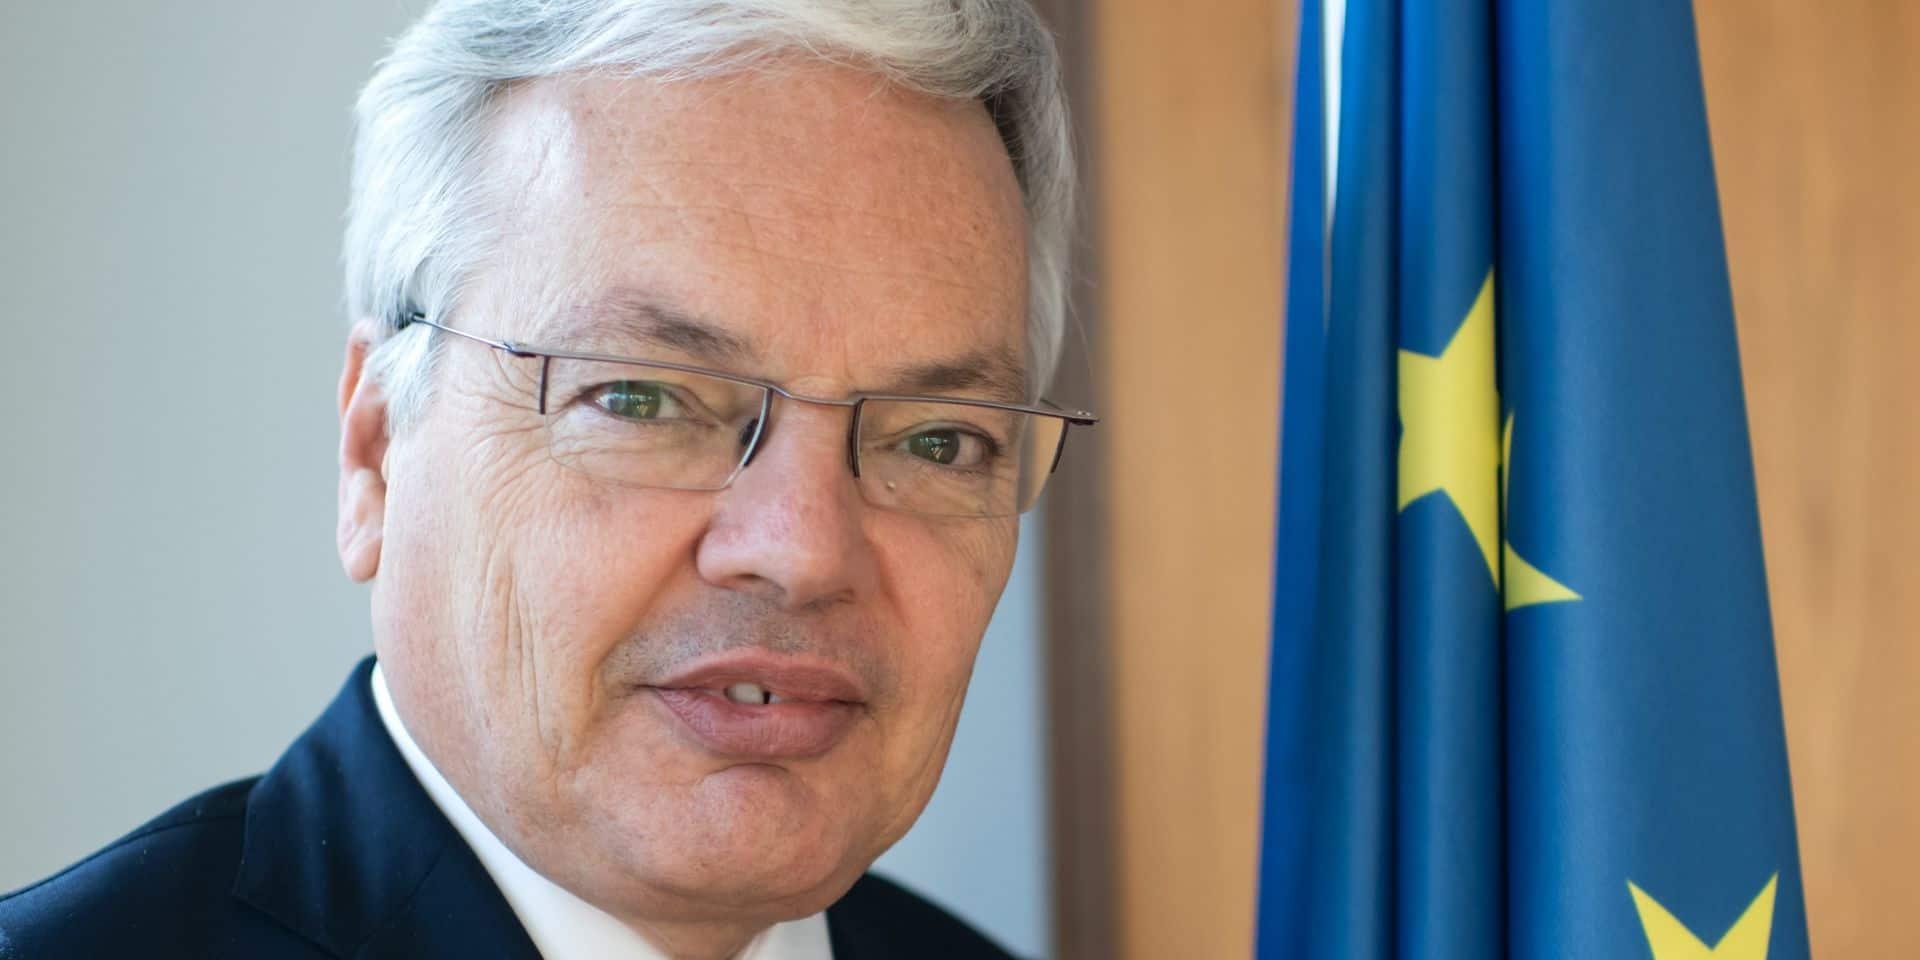 """Didier Reynders sur la situation en Hongrie: """"Il faut que les États membres se saisissent"""" de la question de l'état de droit"""